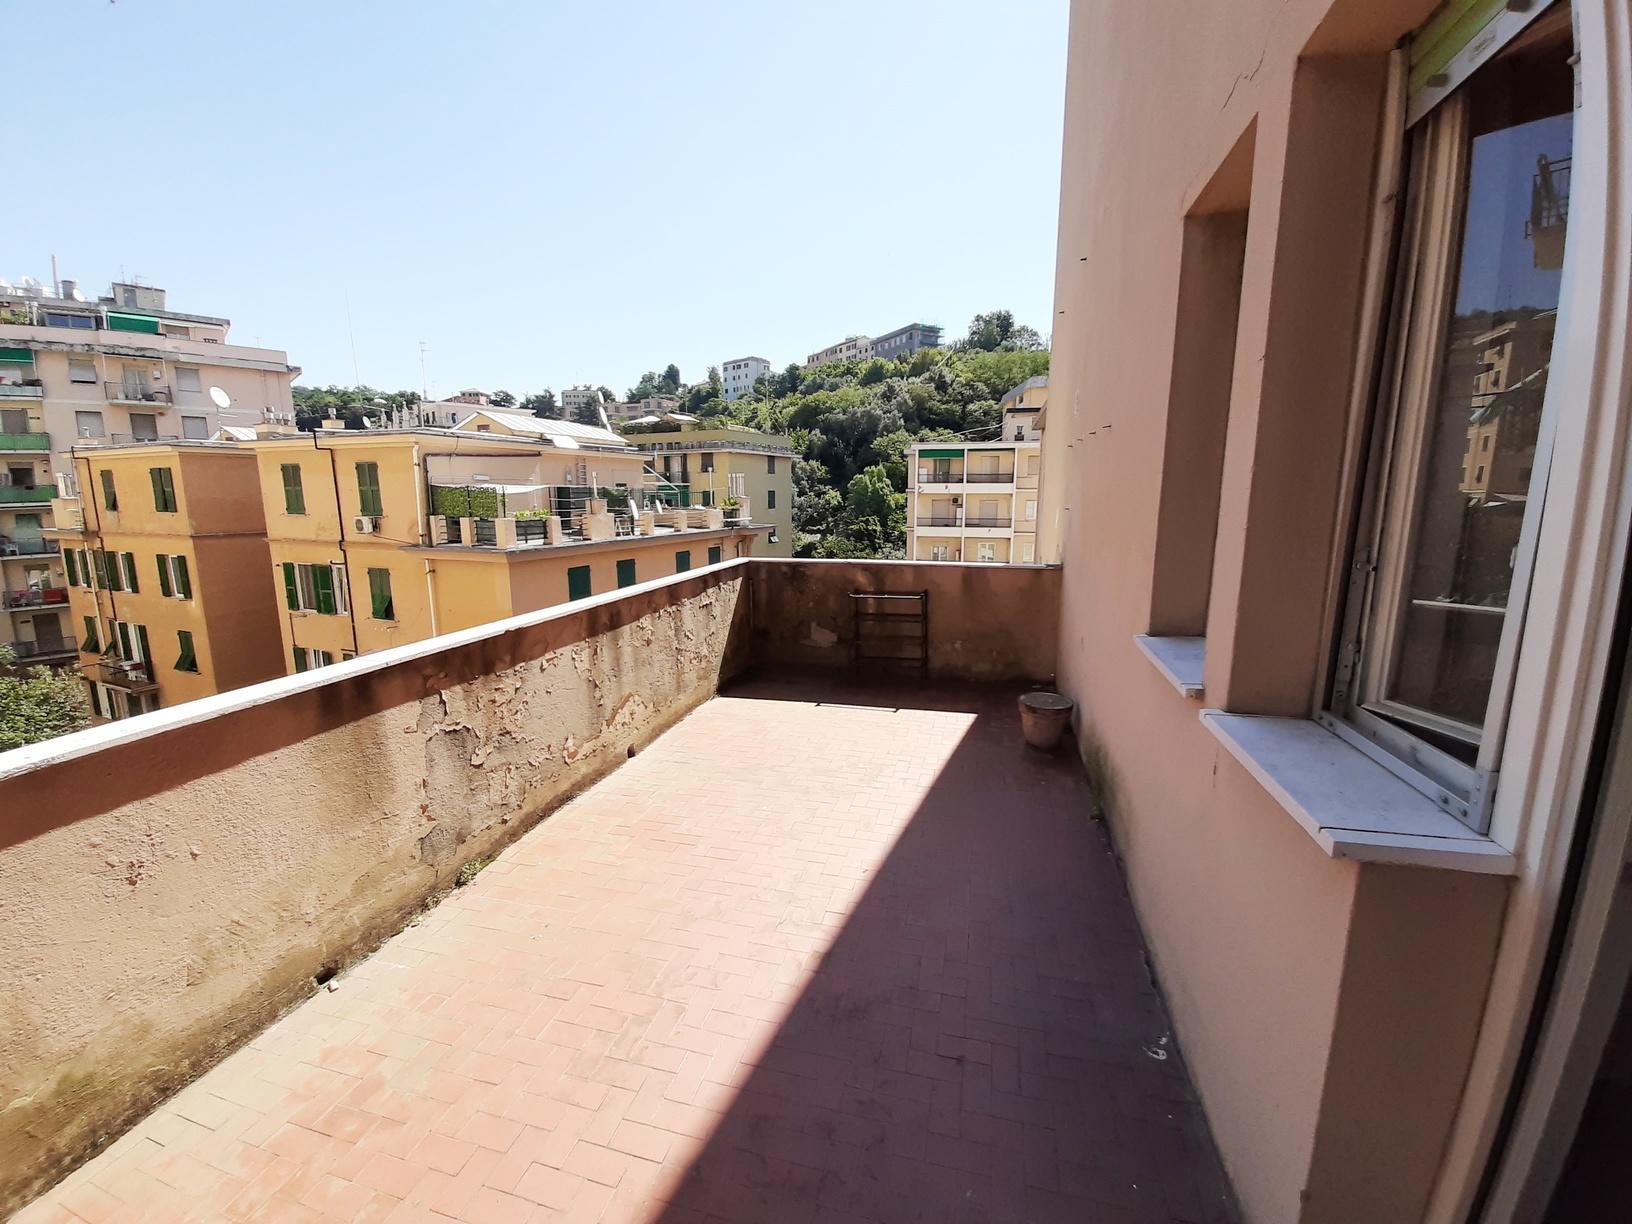 SAMPIERDARENA (Corso Martinetti alta) Vendesi mq. 67 con terrazzo al piano